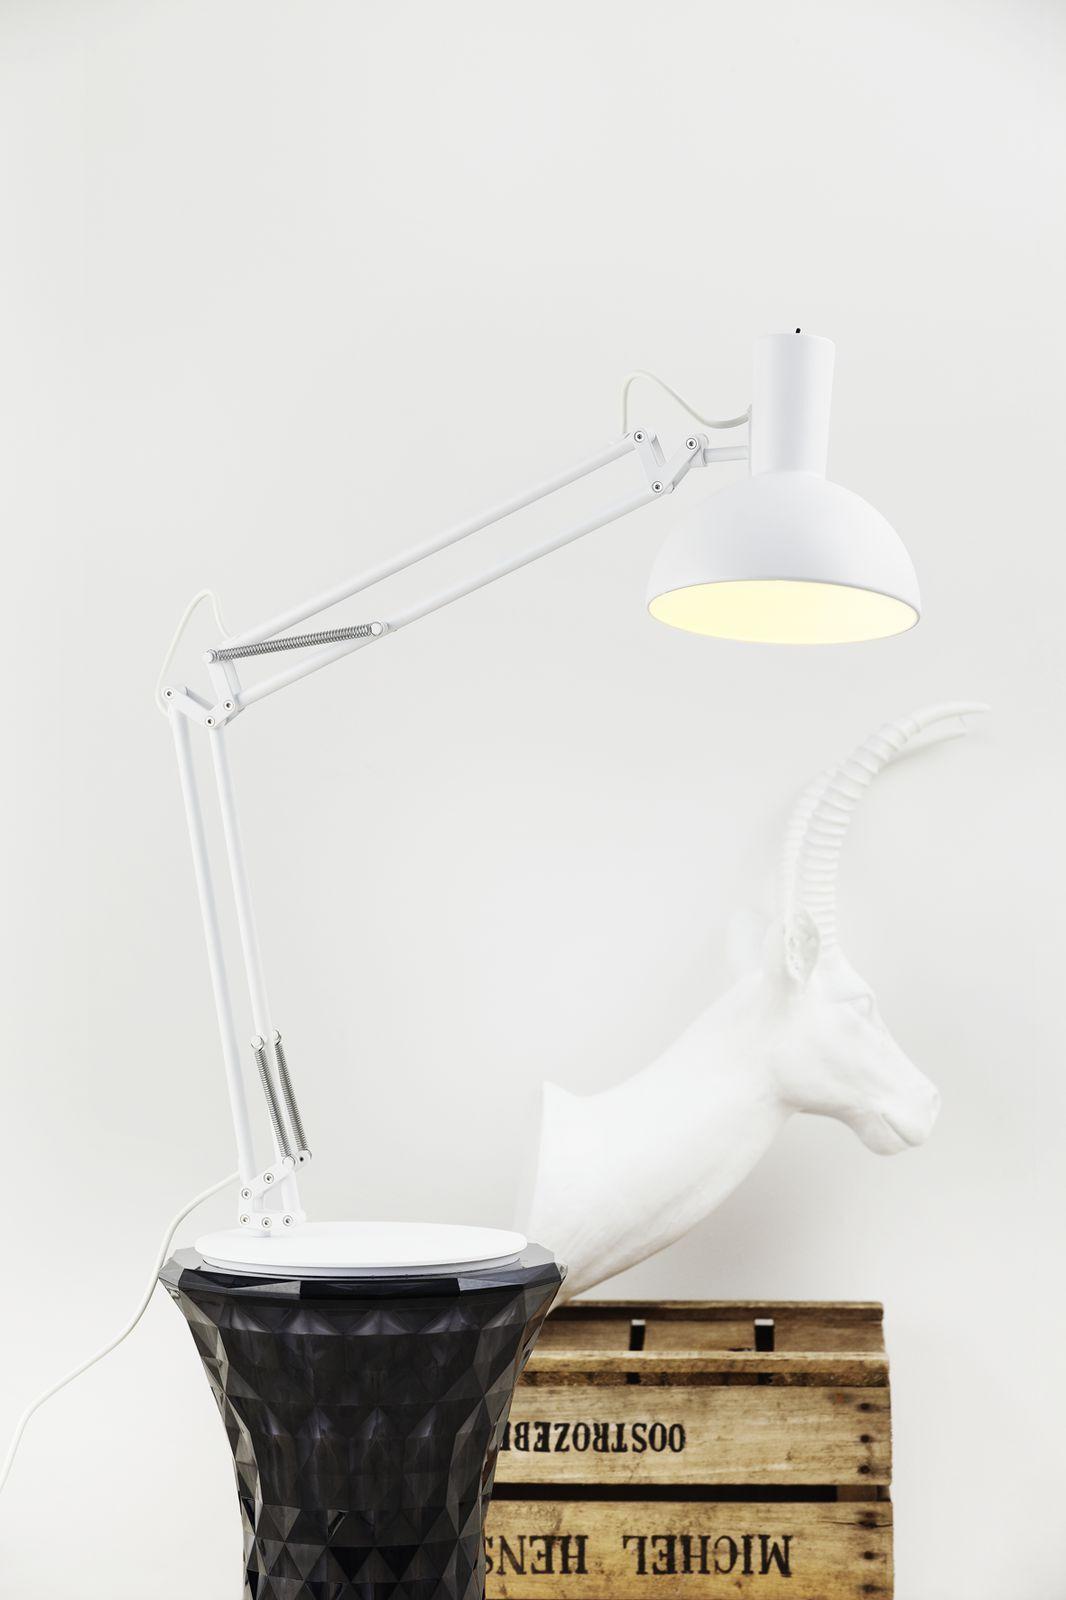 Designer Lampe de table de serrage éclairage mural déprimés Nordlux Nordlux déprimés e27 blanc h52cm 3in1 4f8215